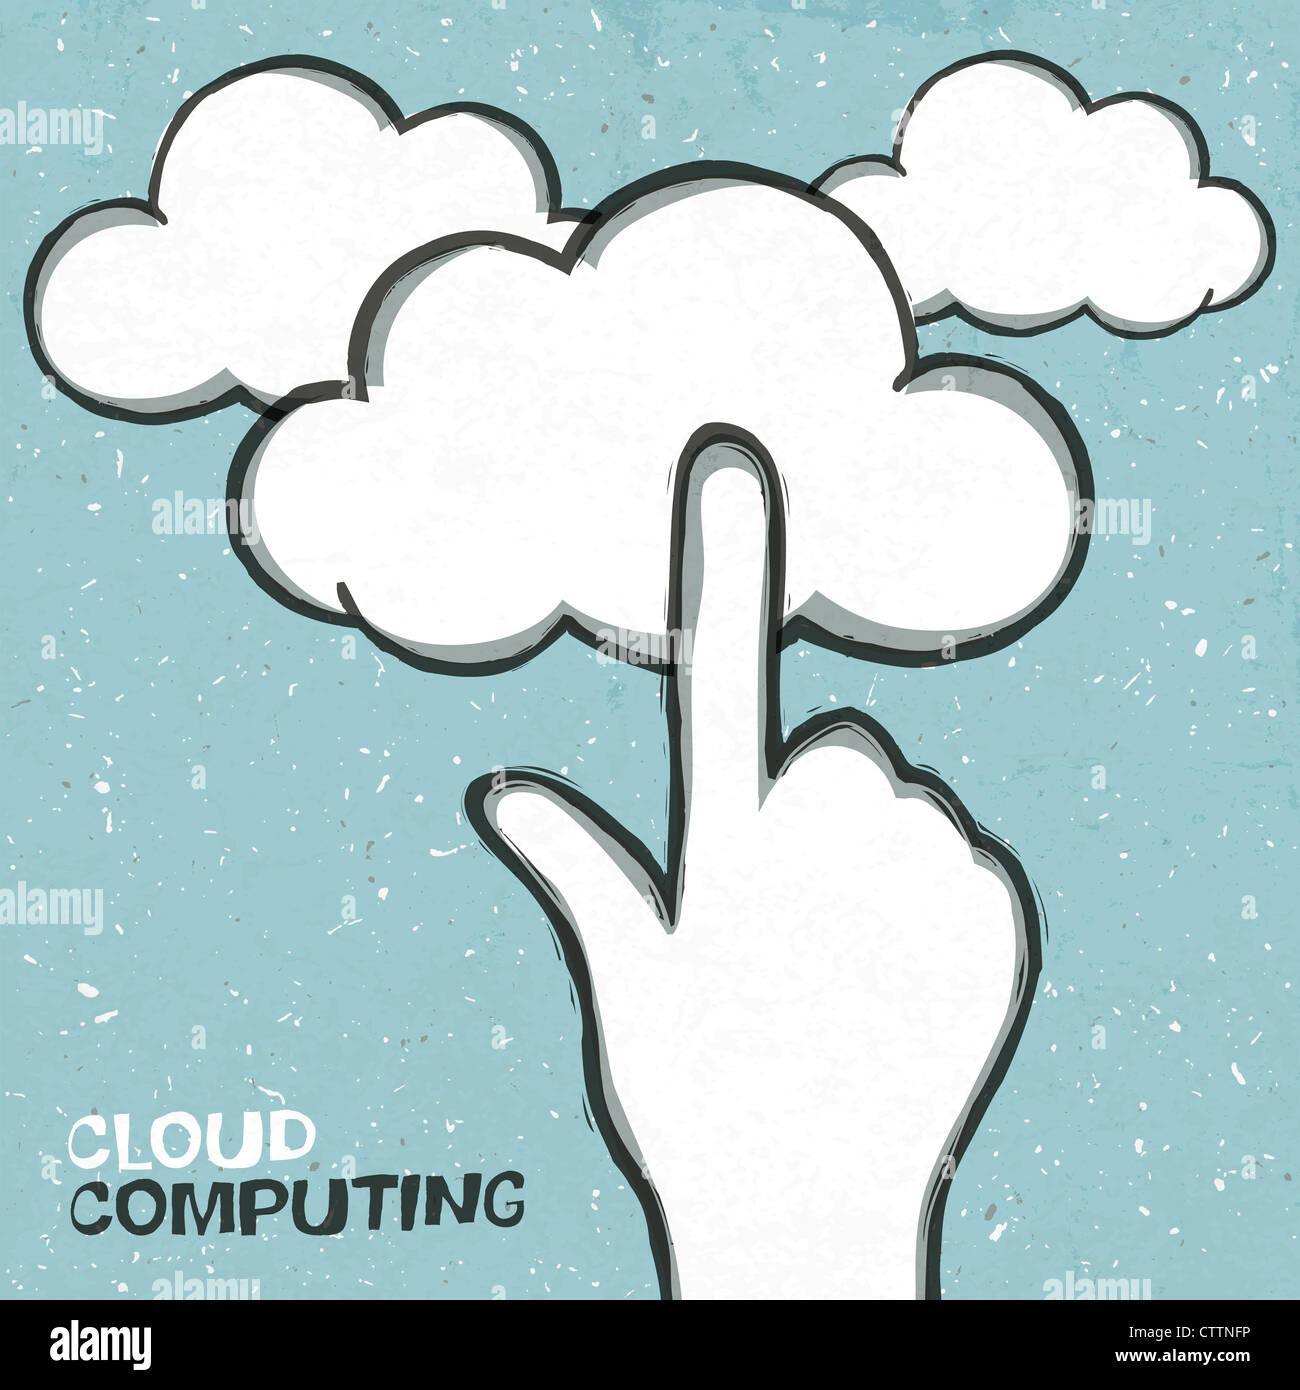 Il cloud computing concetto illustrazione Immagini Stock